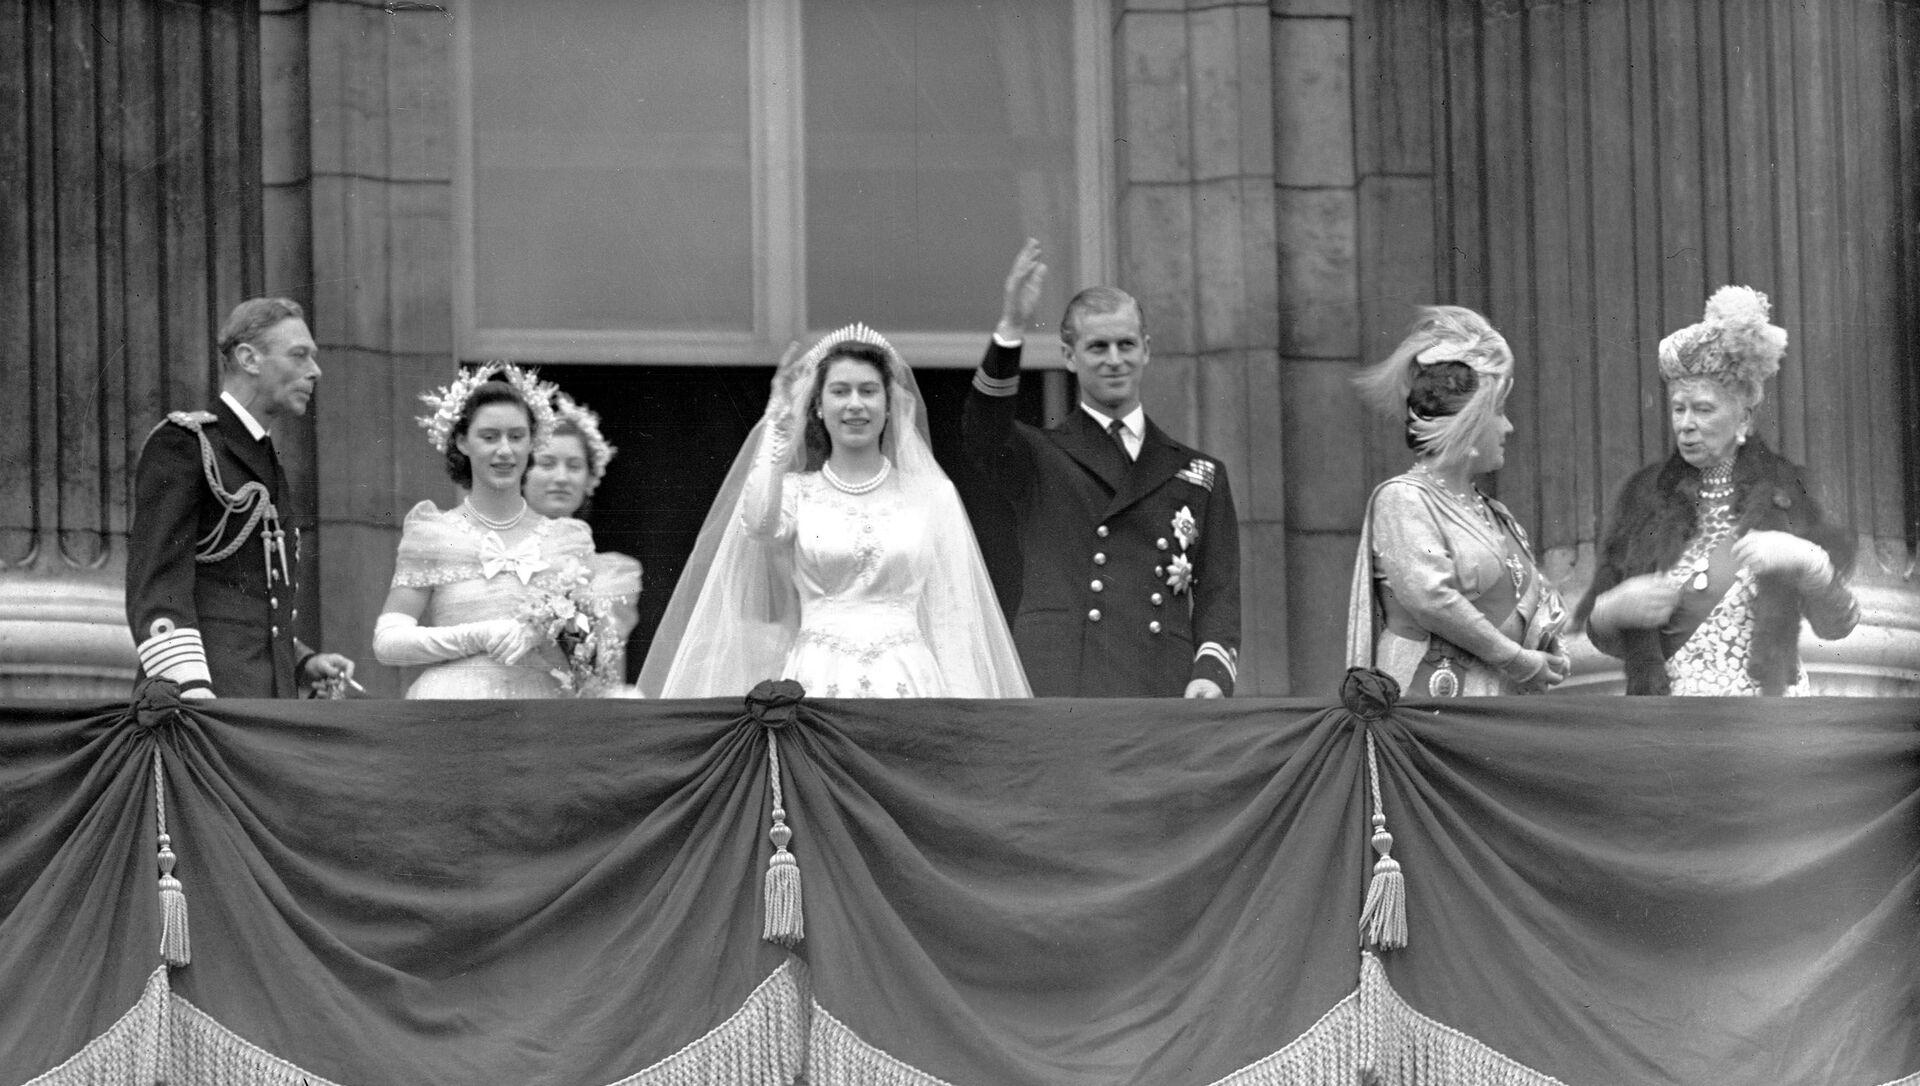 La Oposición Que Enfrentó Felipe De Edimburgo Al Casarse Con Isabel Ii 25 01 2021 Sputnik Mundo